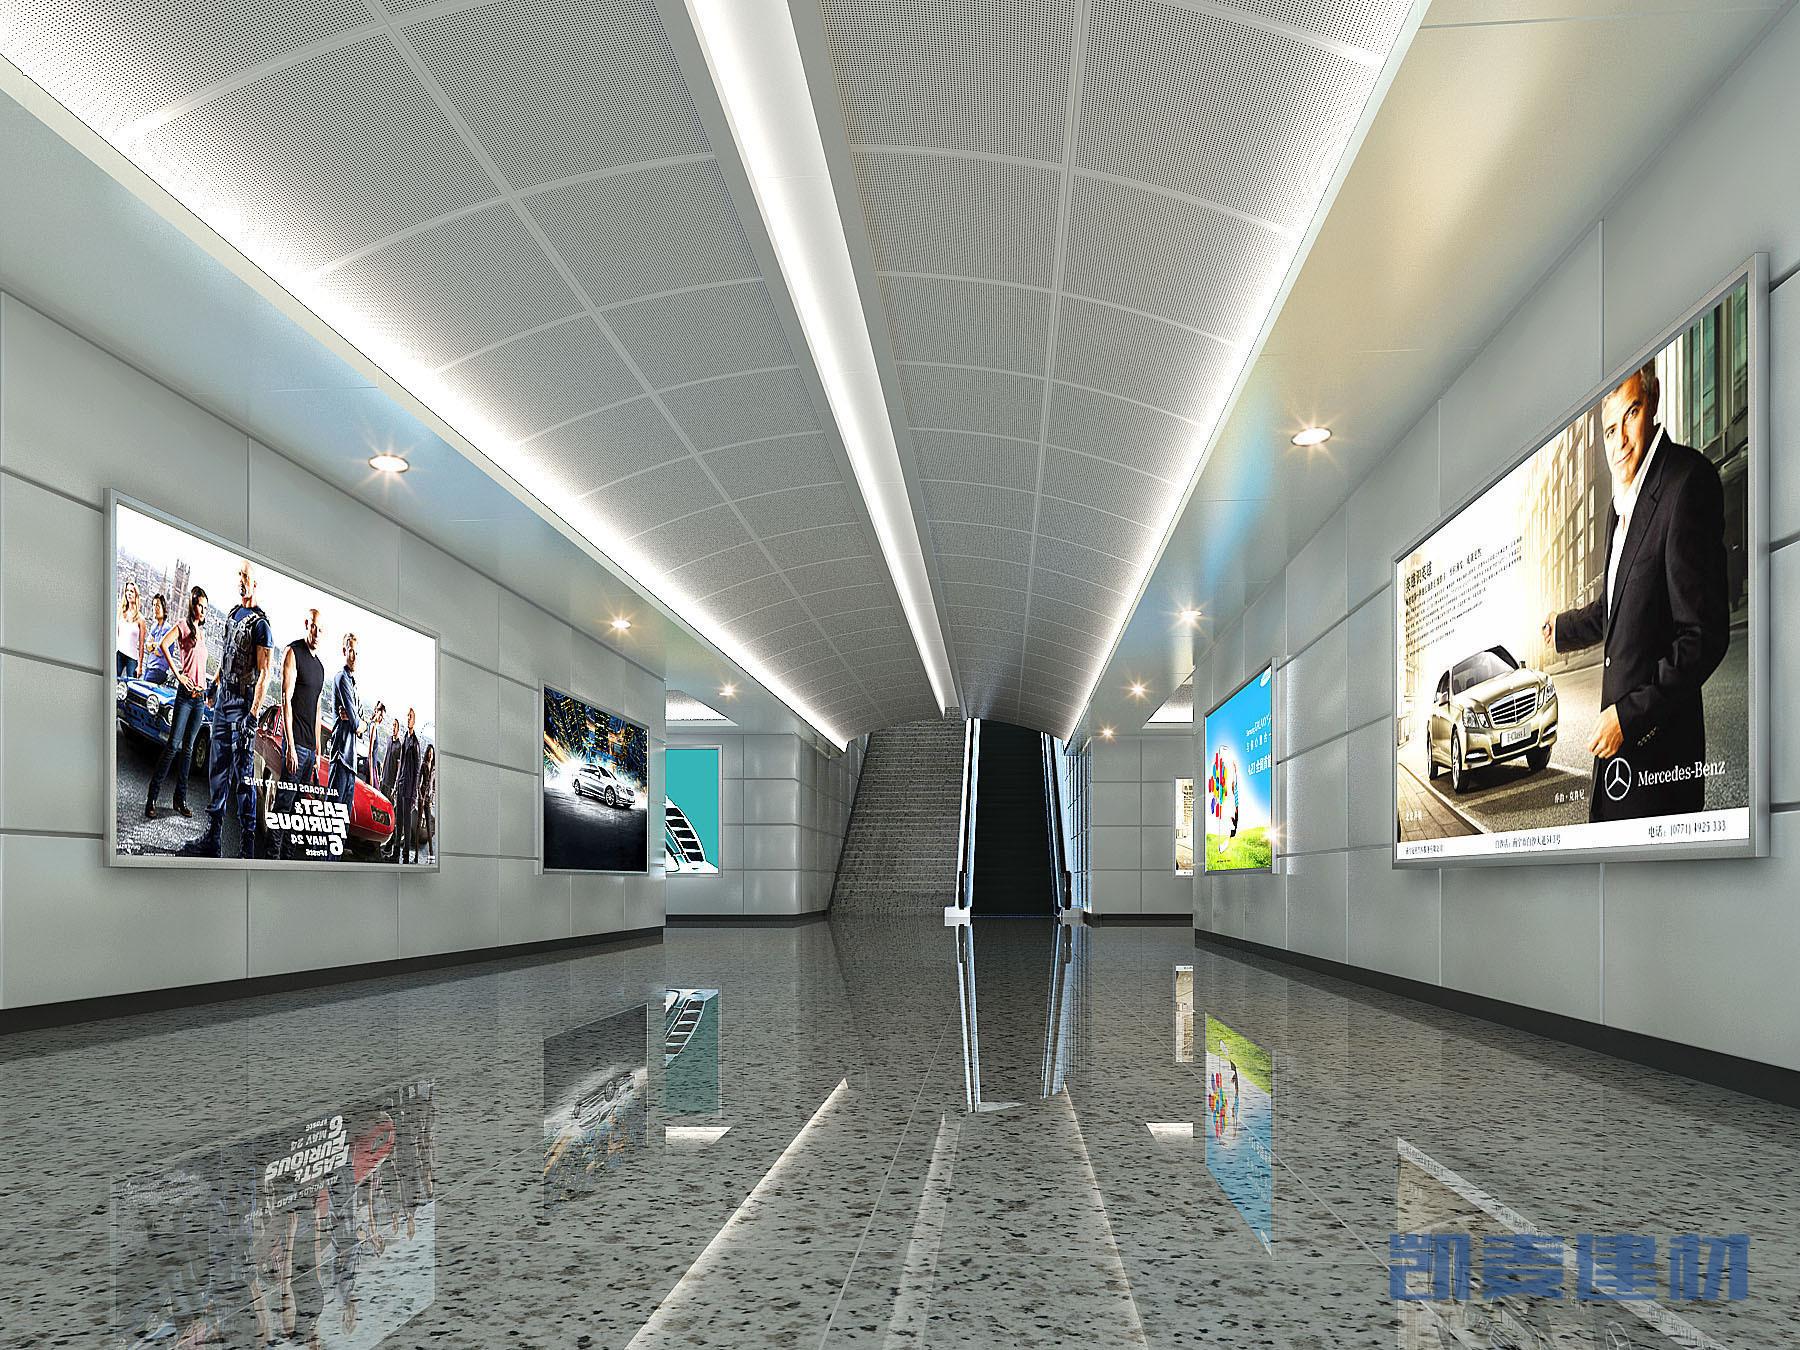 隧道墙面烤瓷铝板和氟碳冲孔透气铝板